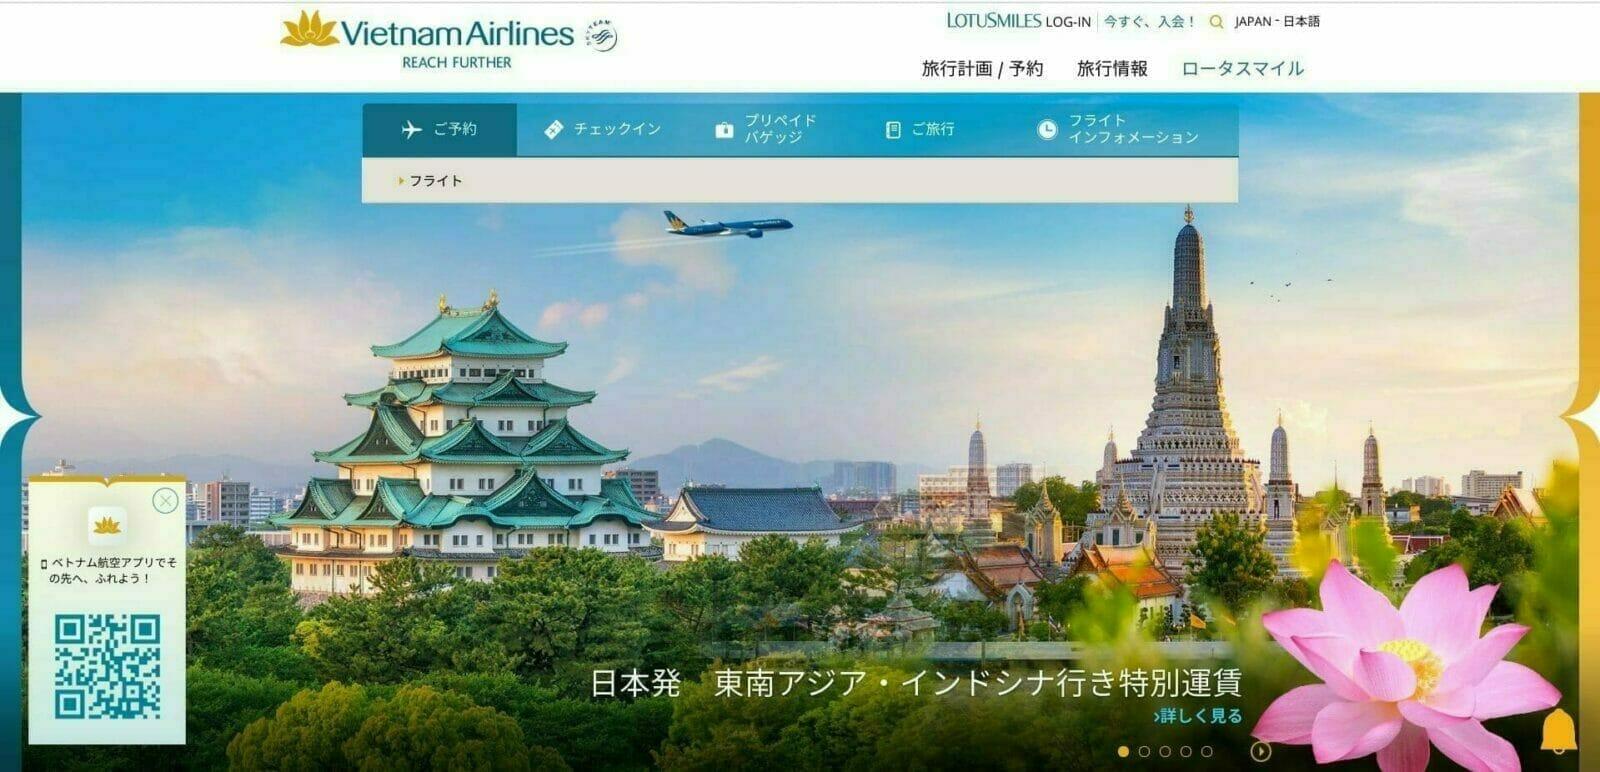 ベトナム航空の公式Webサイト